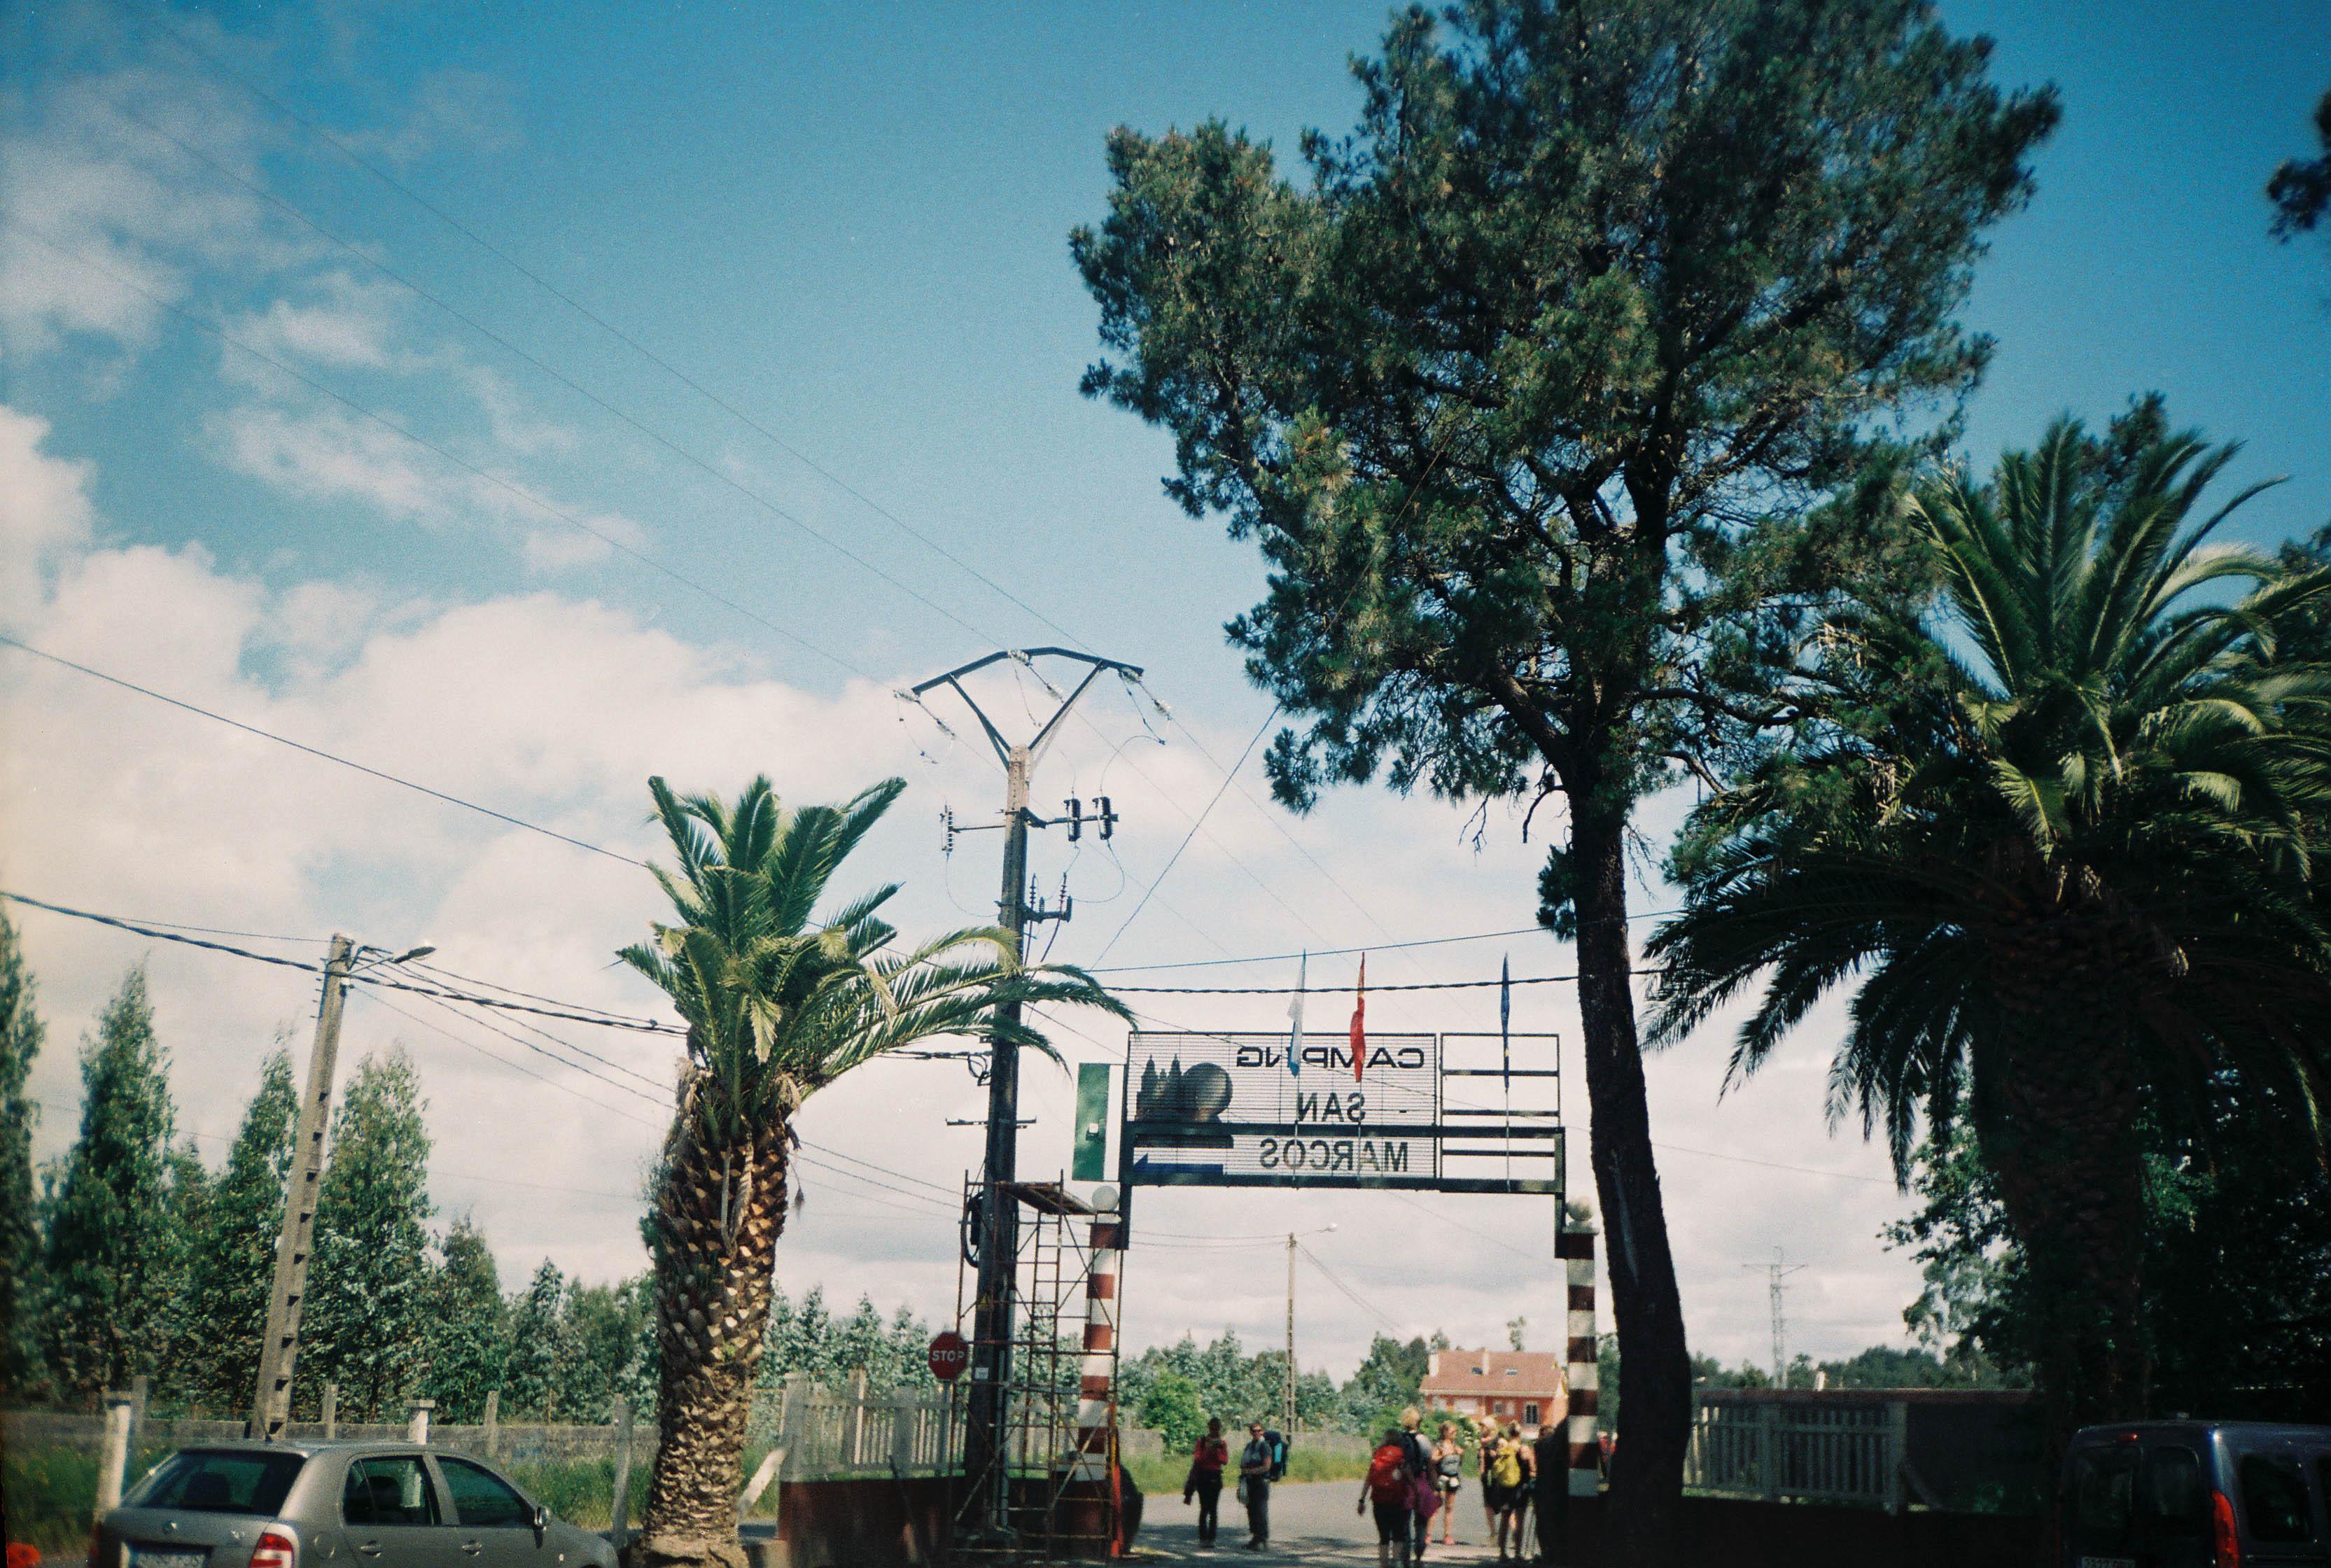 http://lafilladelfotografu.irenavisa.com/files/gimgs/97_f1000016-1_v5.jpg